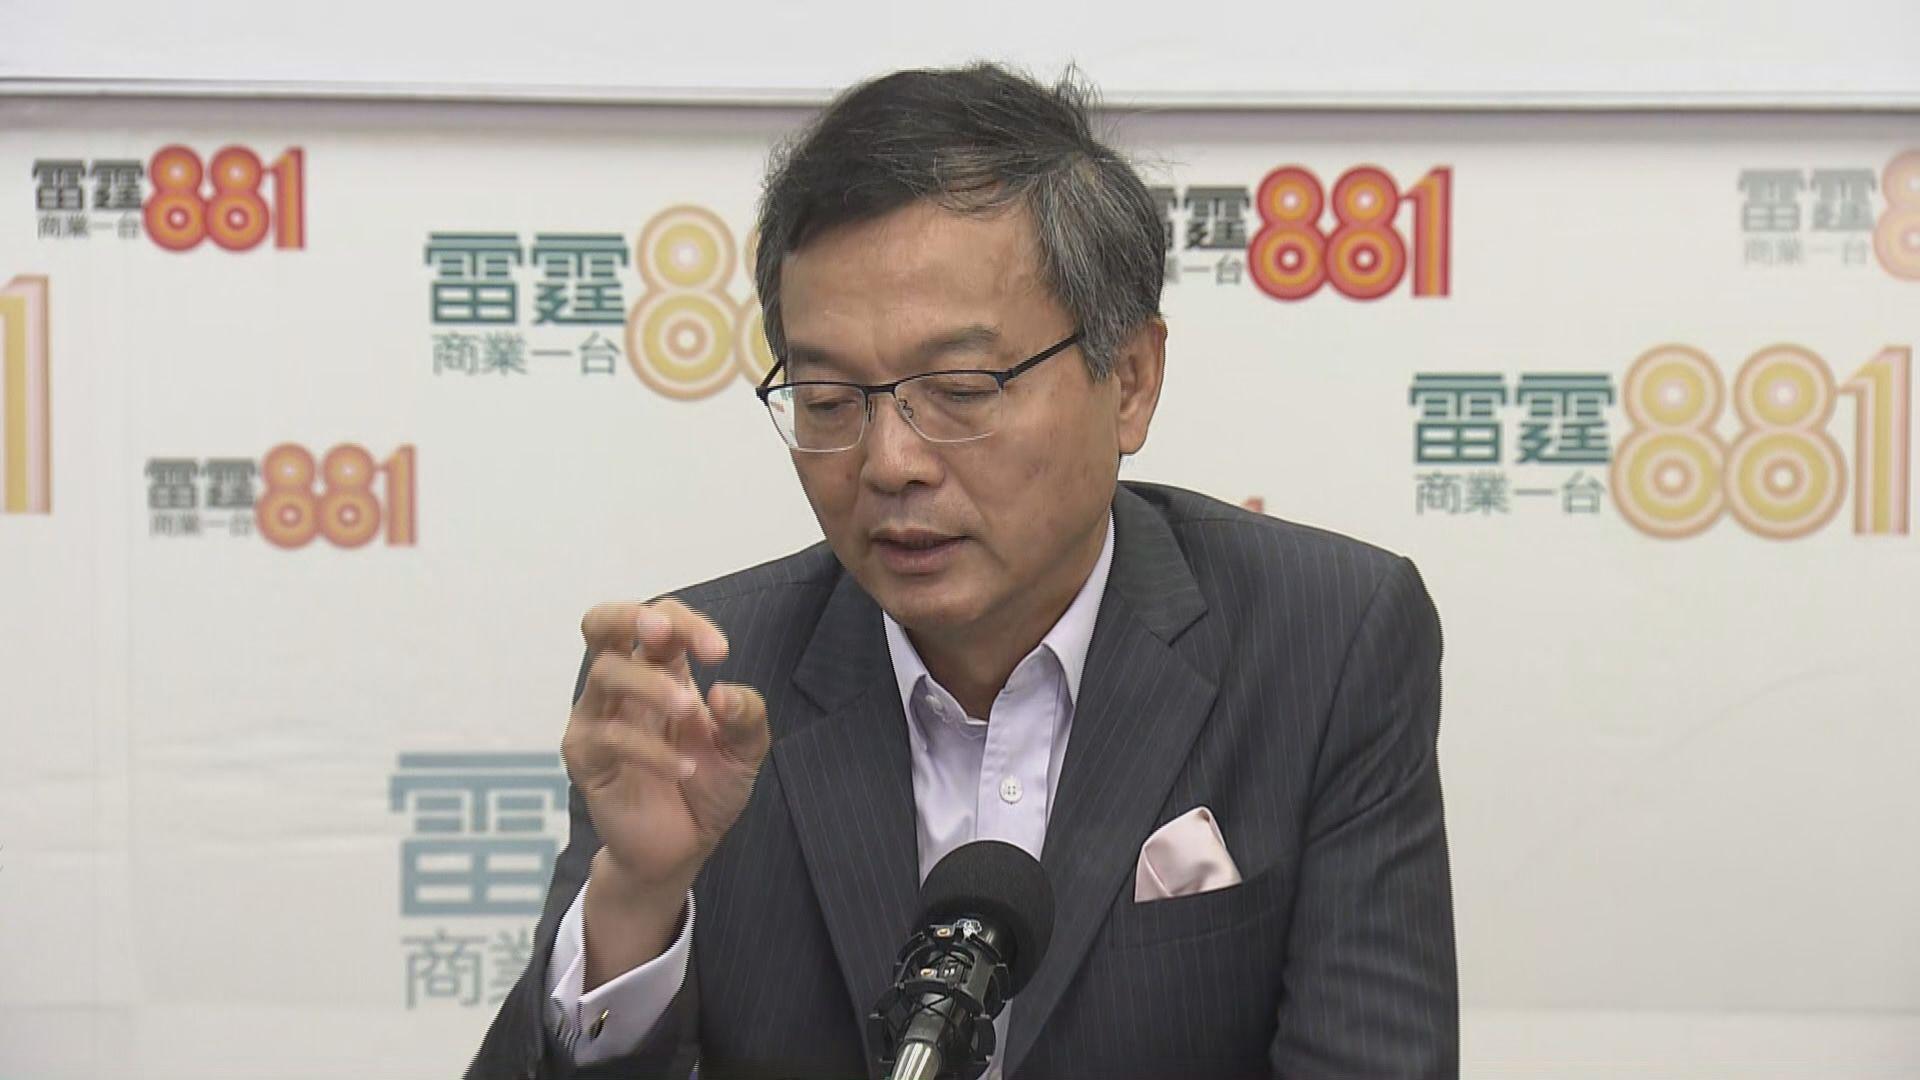 林正財:政府應考慮建跨境退休醫療安老特區